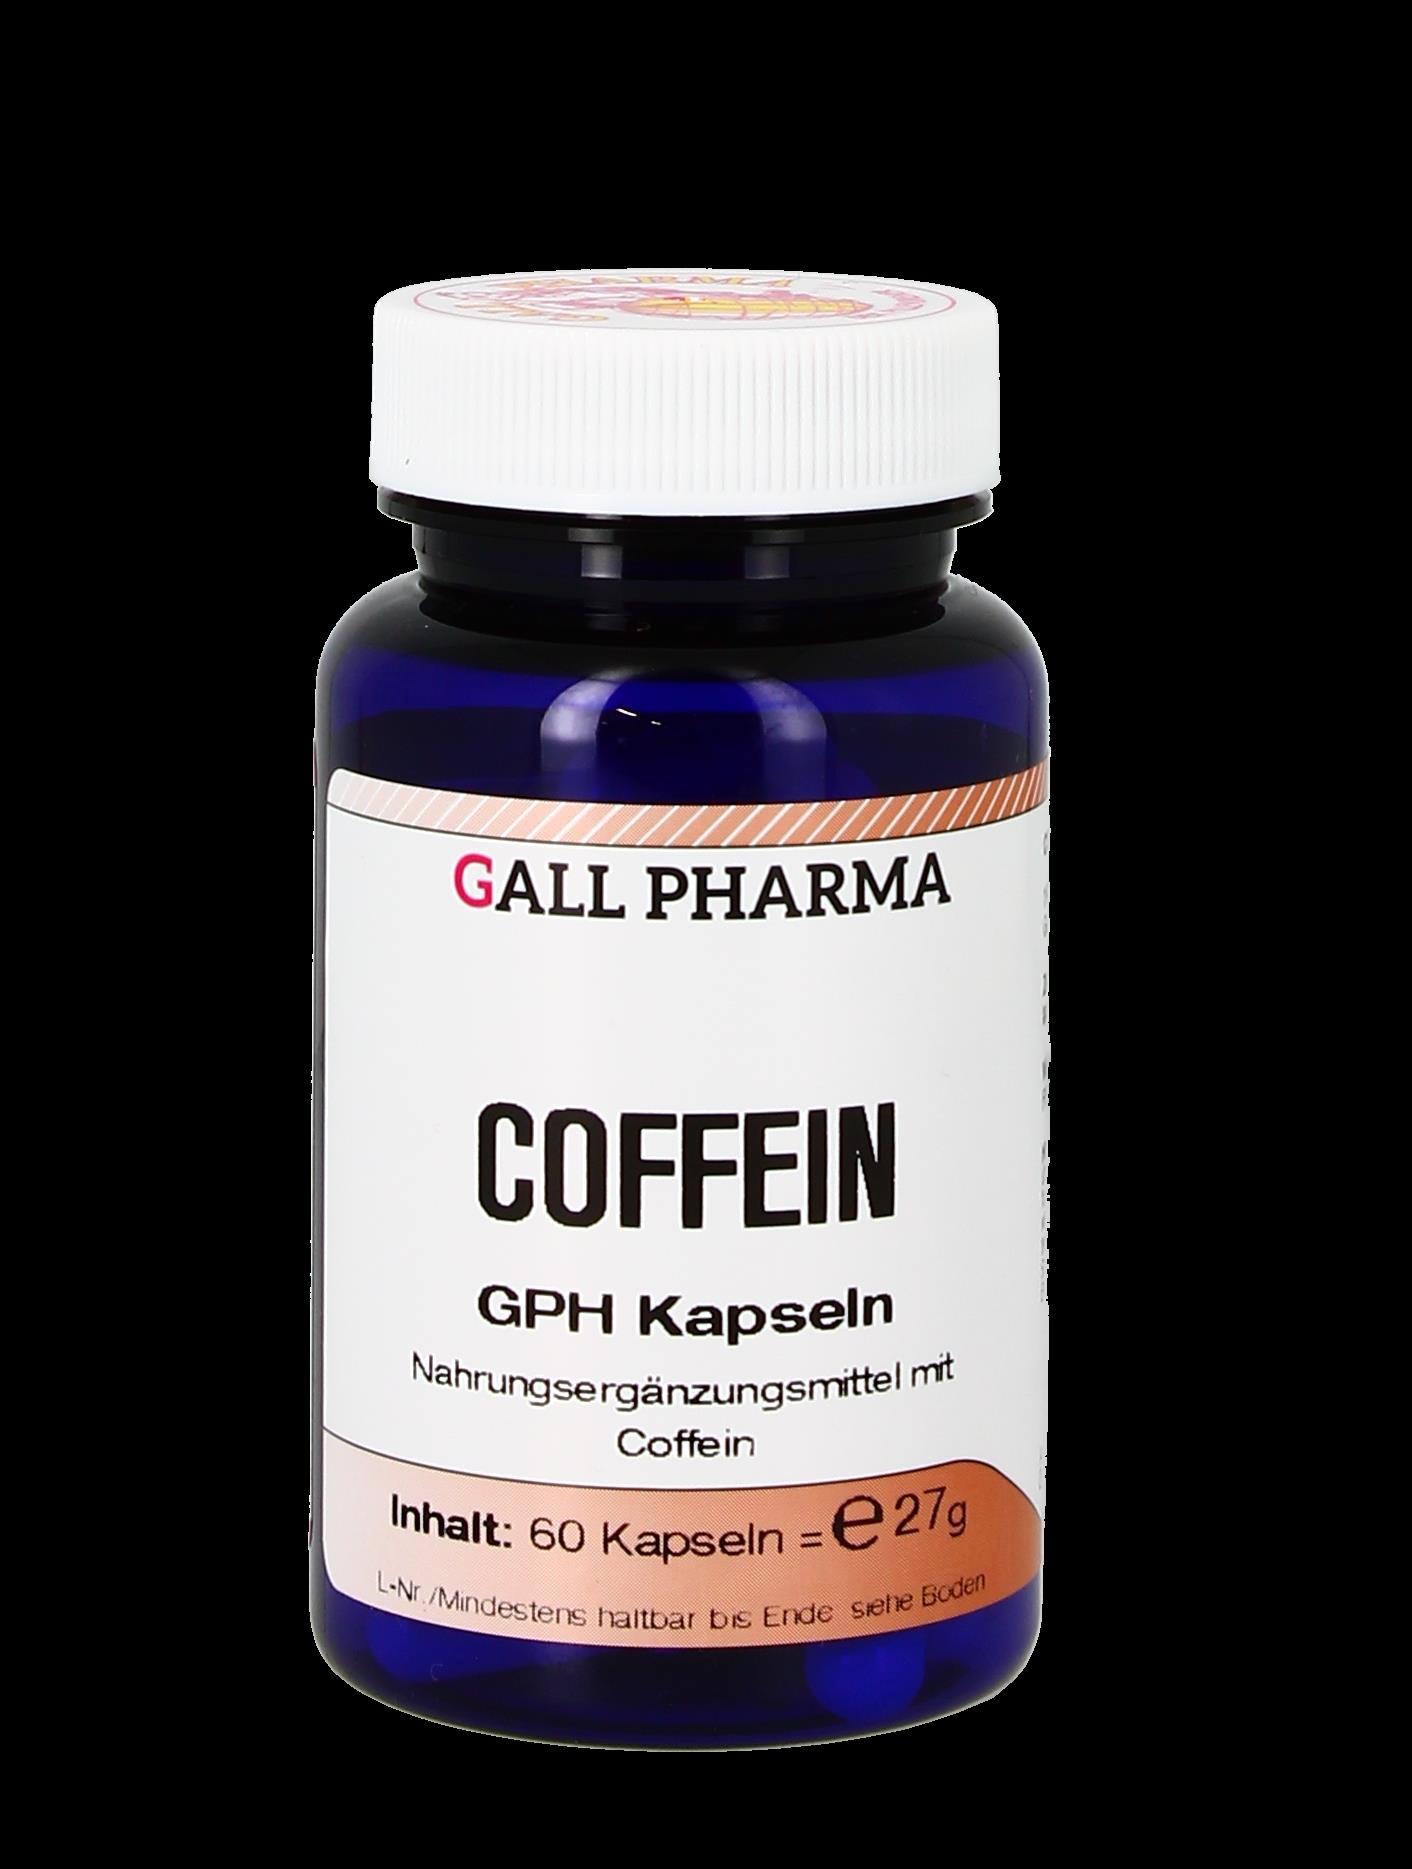 Coffein GPH Kapseln